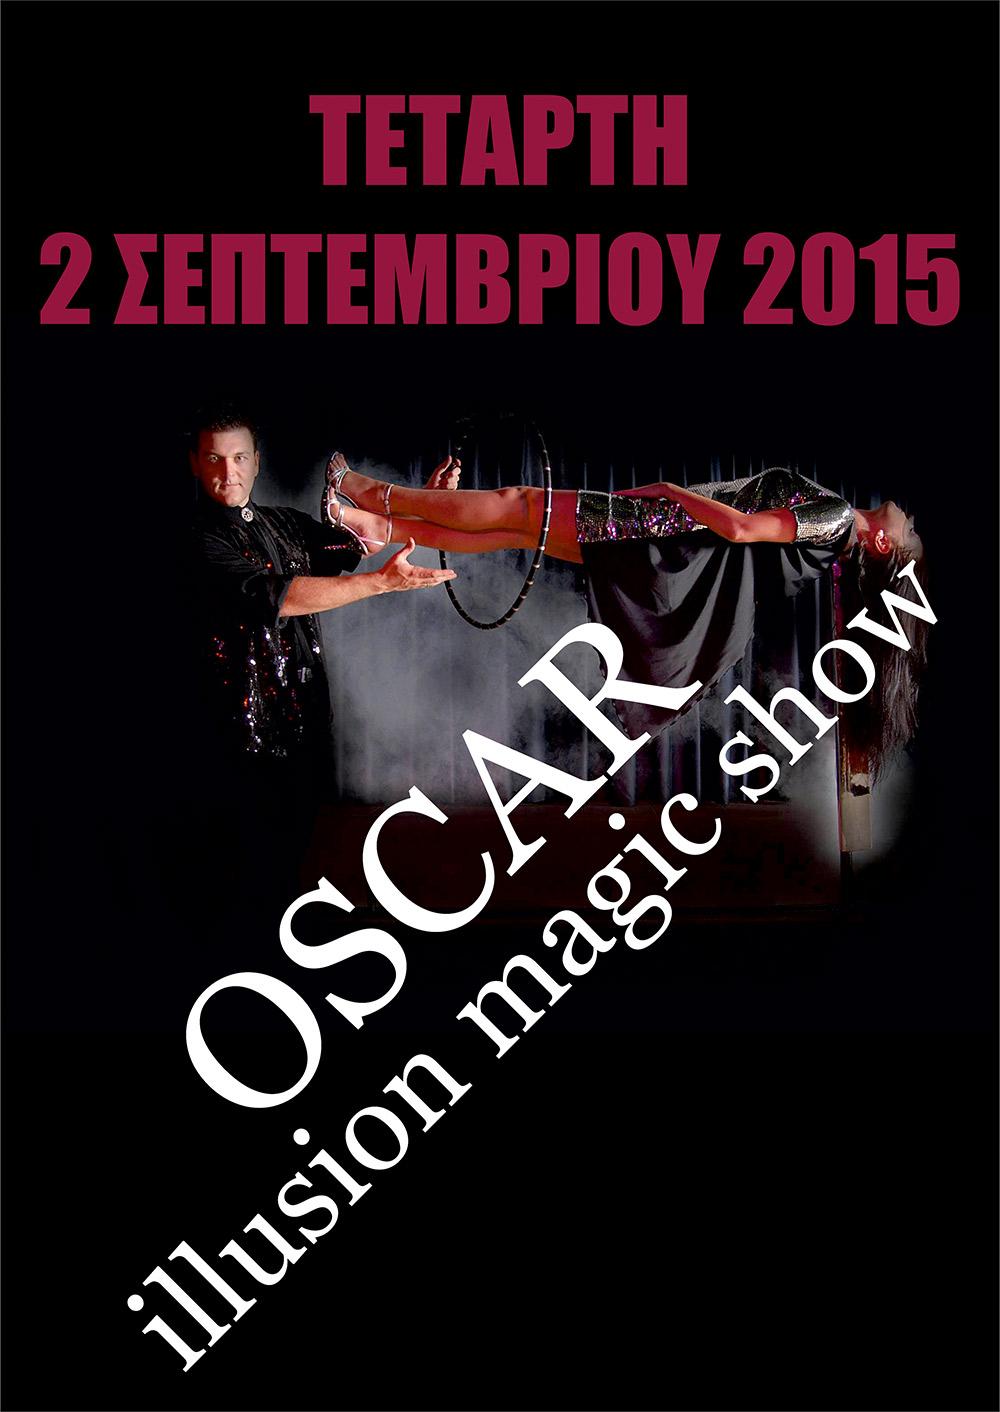 OSCAR ILLUSION MAGIC SHOW